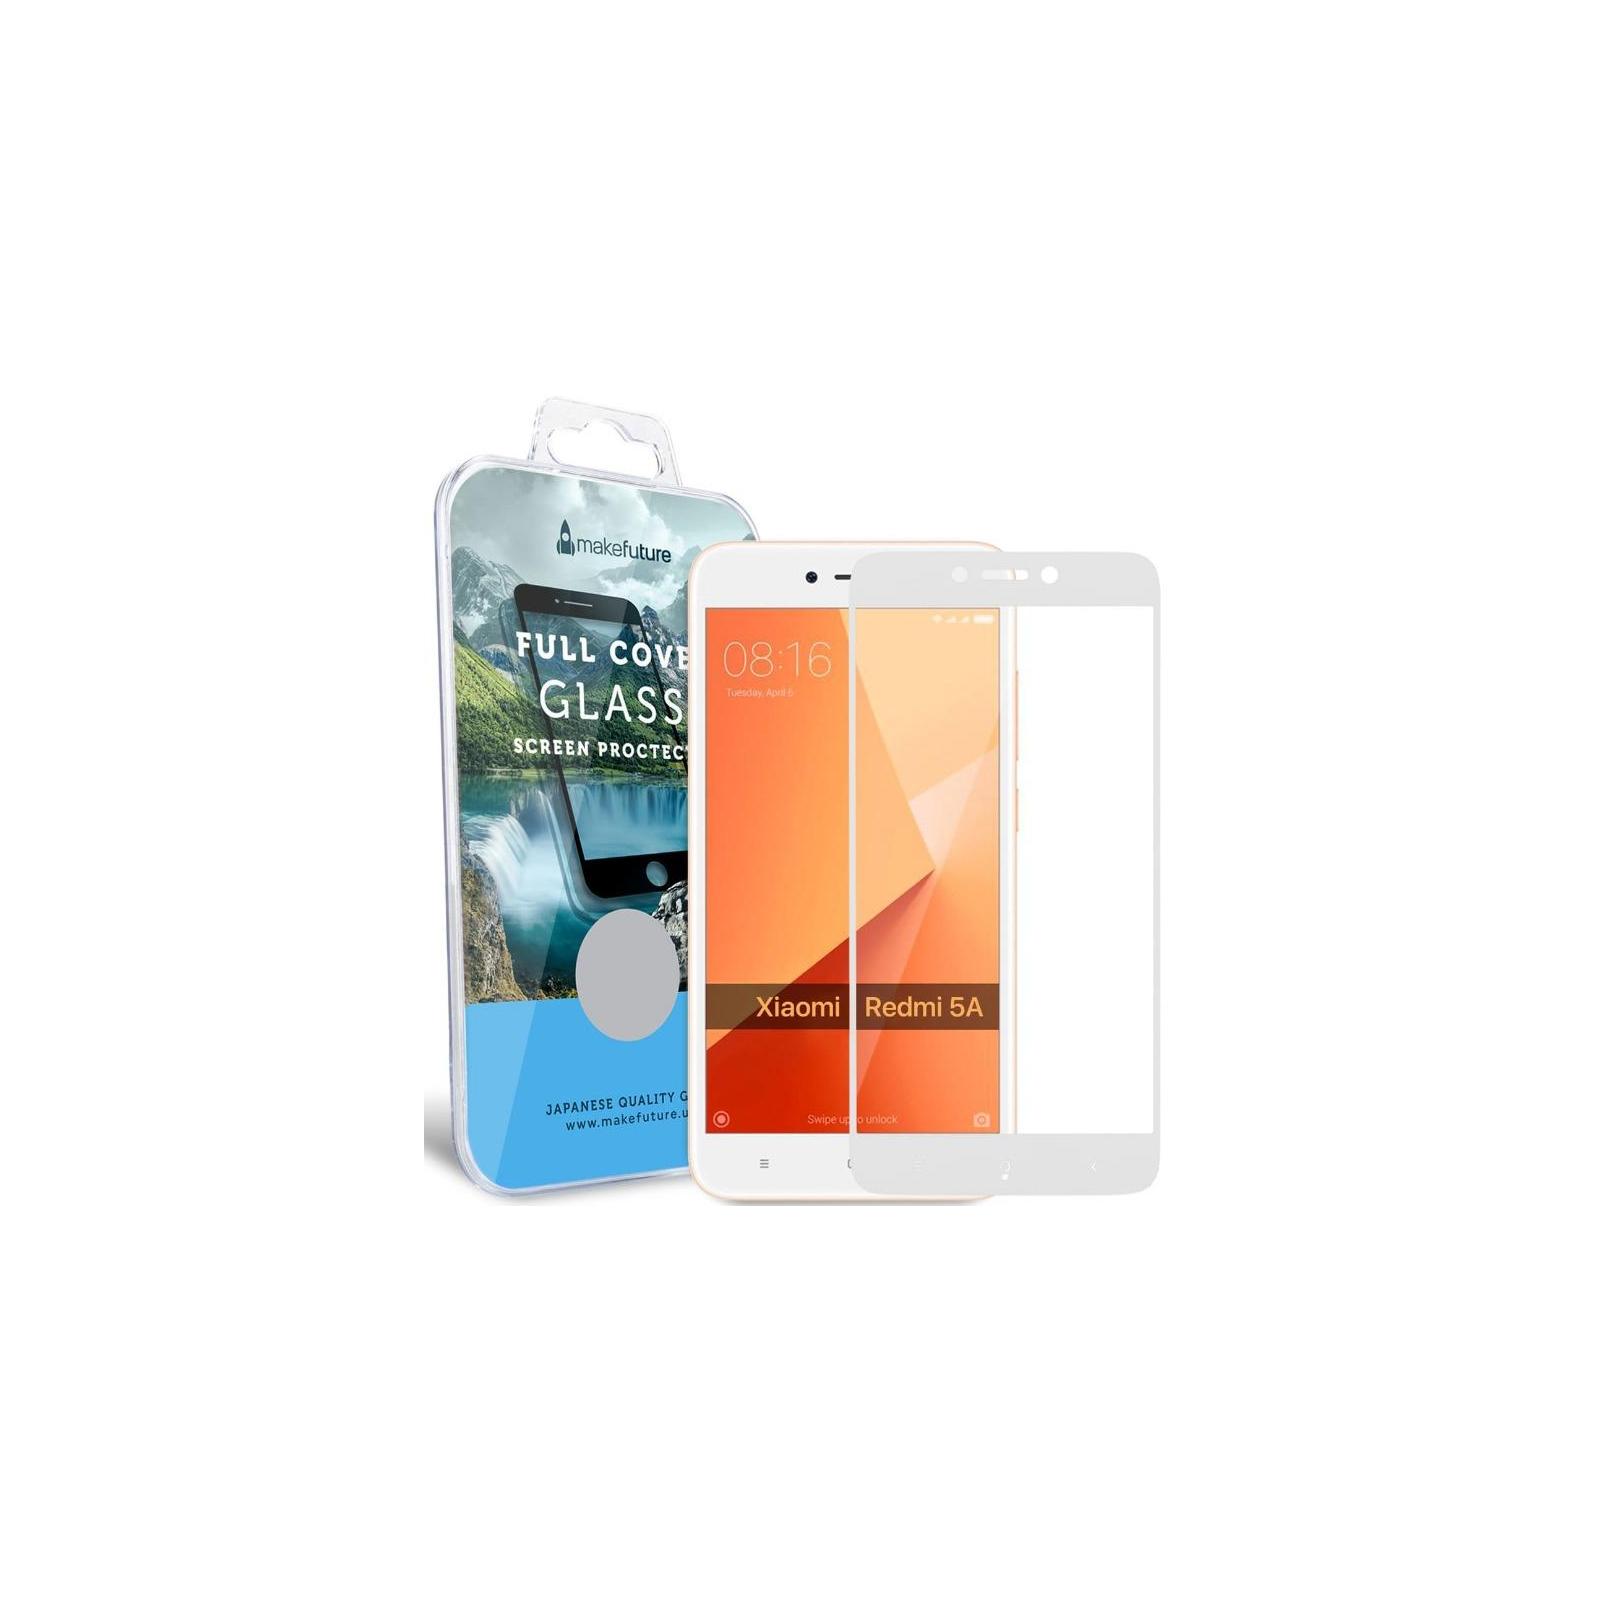 Стекло защитное MakeFuture для Xiaomi Redmi 5A White Full Cover Full Glue (MGFCFG-XR5AW) изображение 5